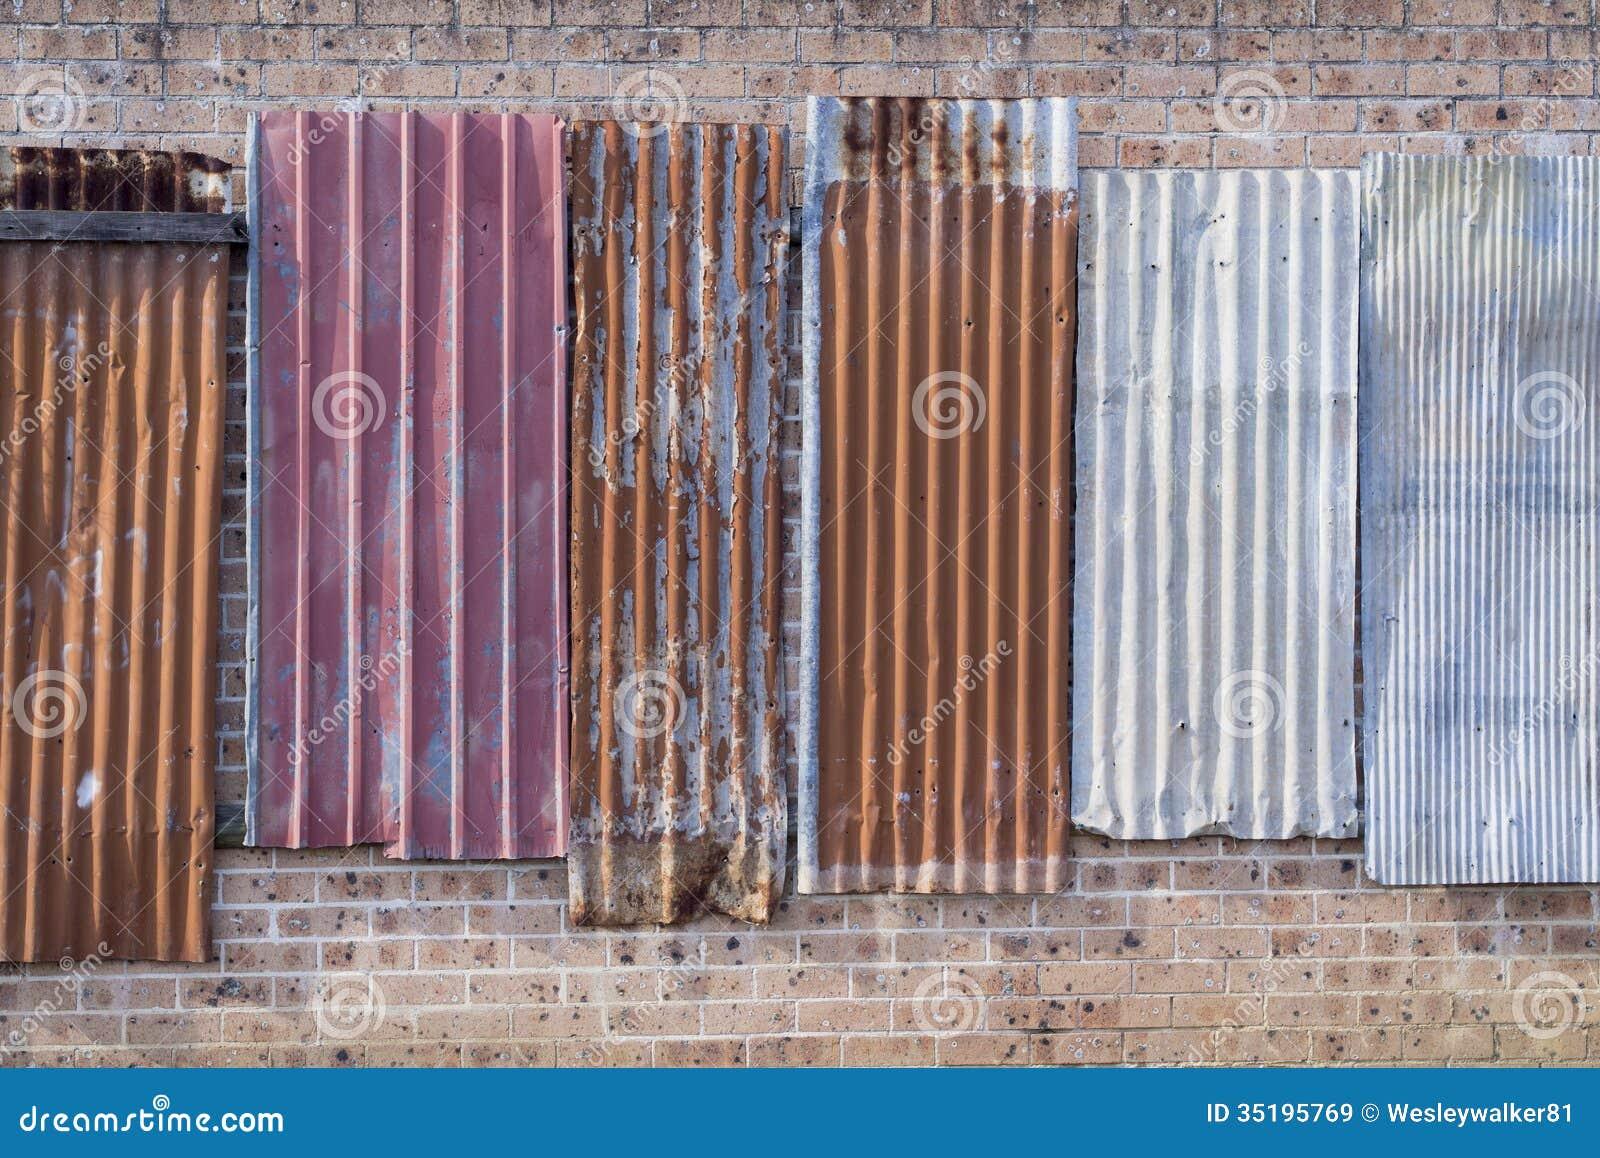 corrugated iron corrugated iron wall art